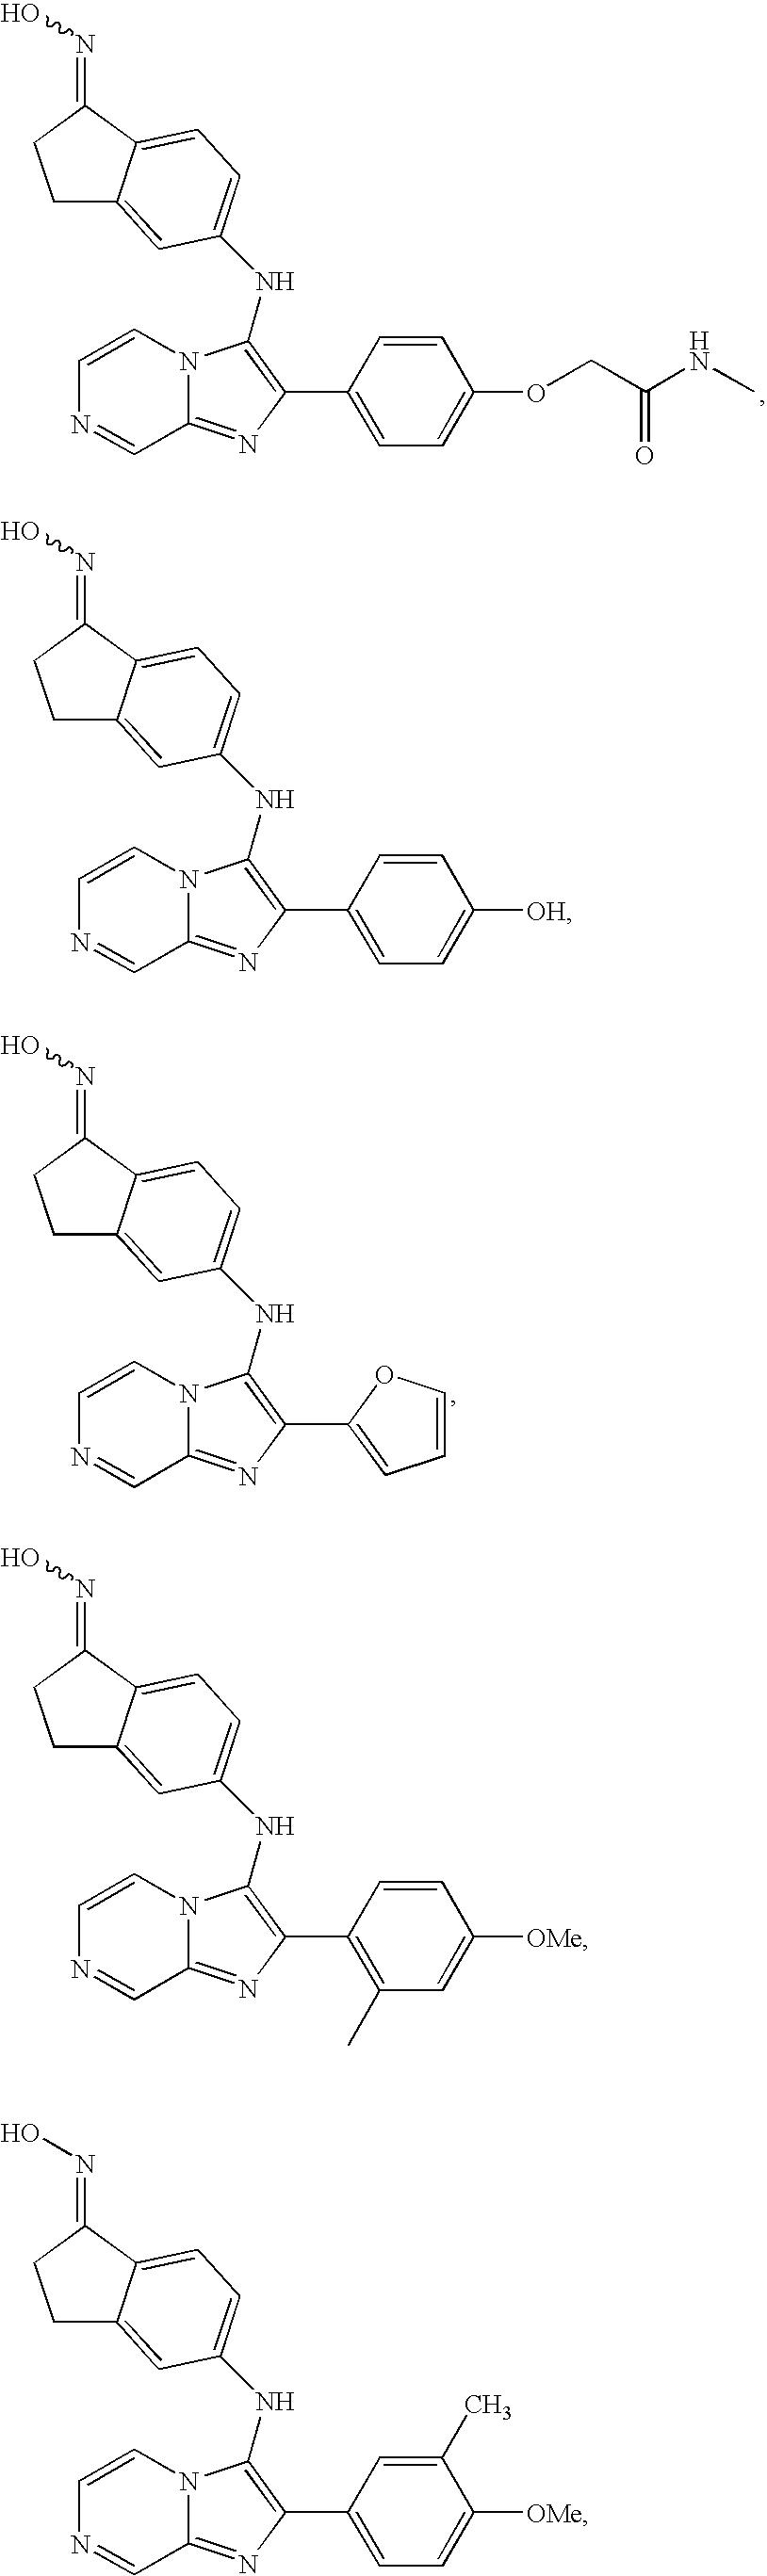 Figure US07566716-20090728-C00132